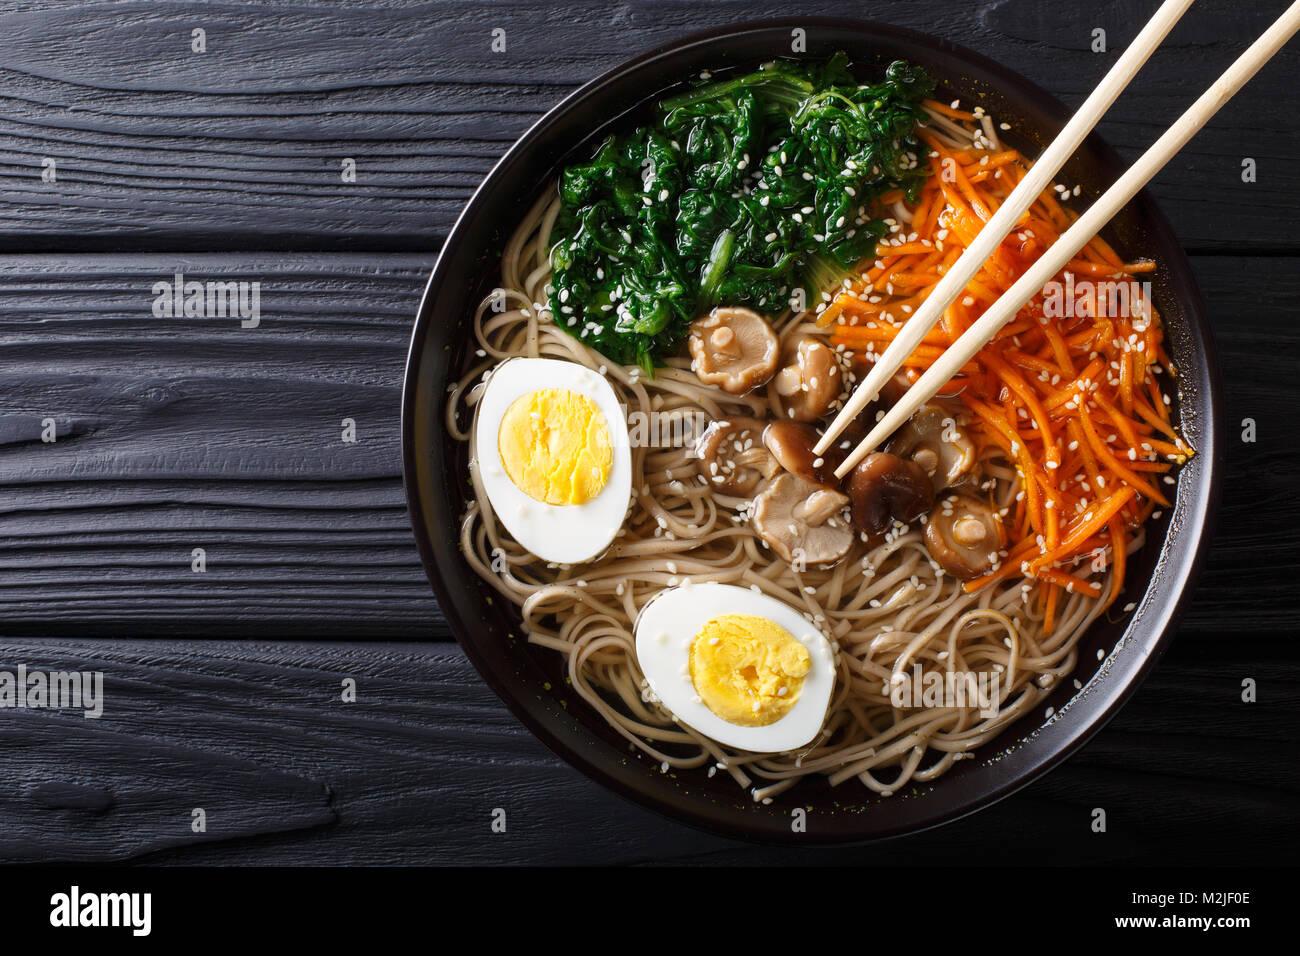 Soupe aux légumes Soba d'Asie, les champignons, l'oeuf et de graines de sésame close up dans un Photo Stock